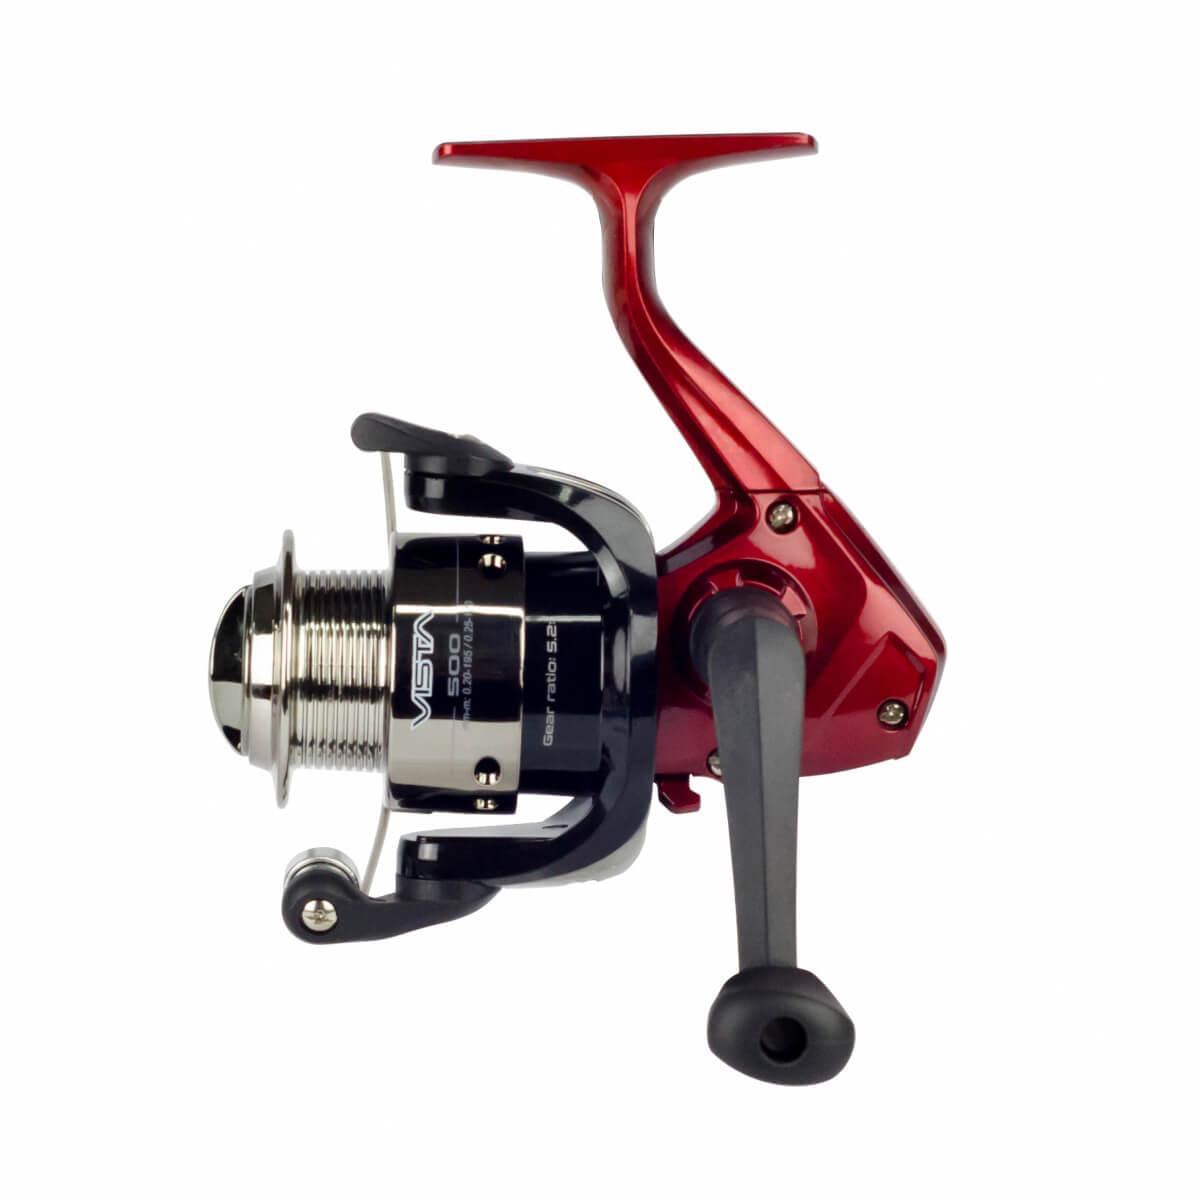 Molinete de Pesca Neo Plus Vista 1000 Fricção Dianteira Recolhimento 5.2:1